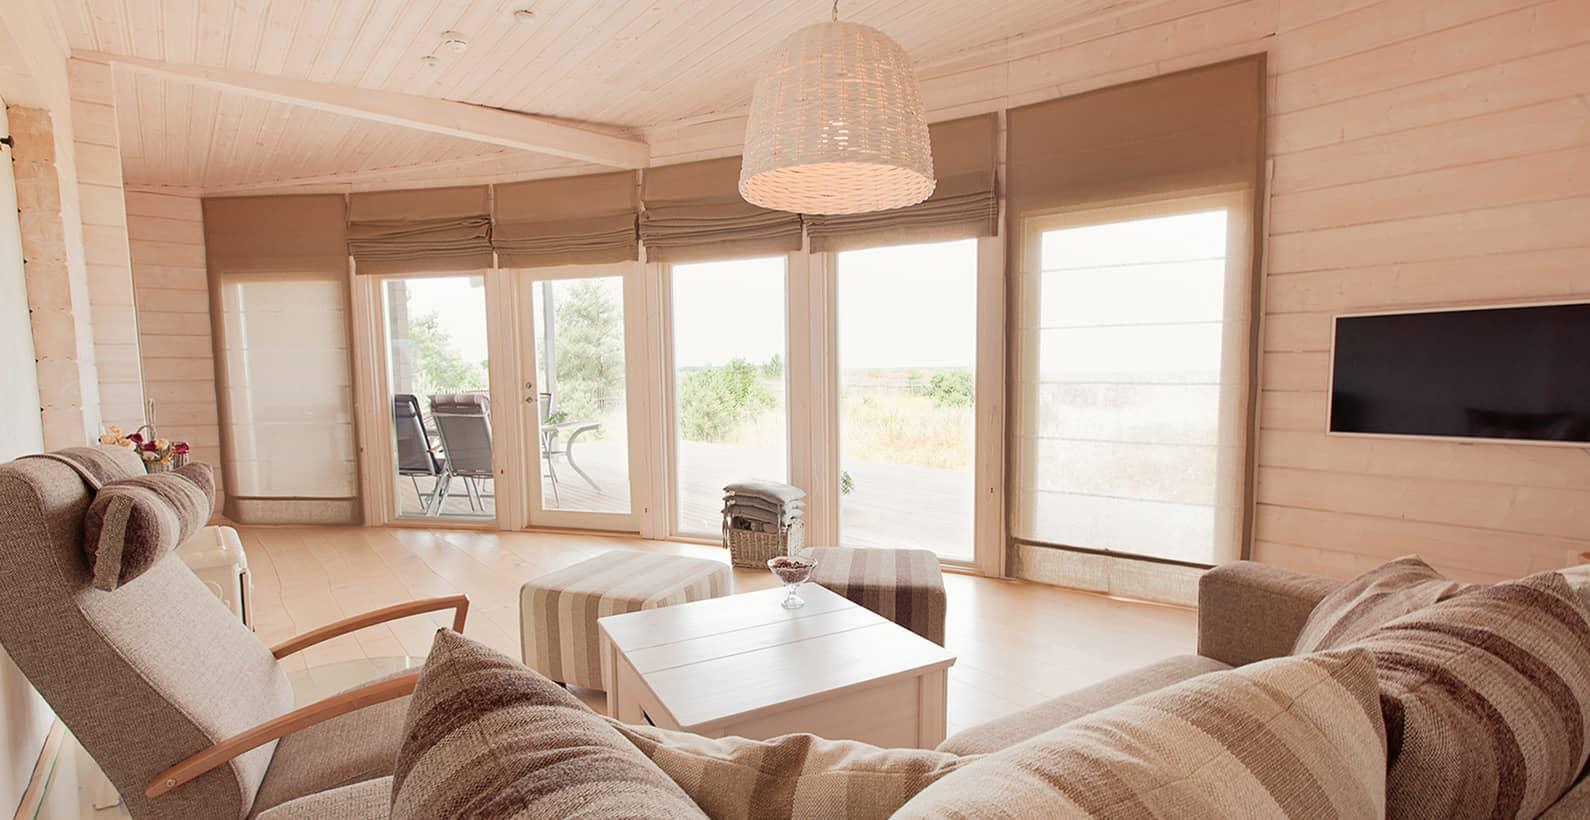 Image result for windows form wood